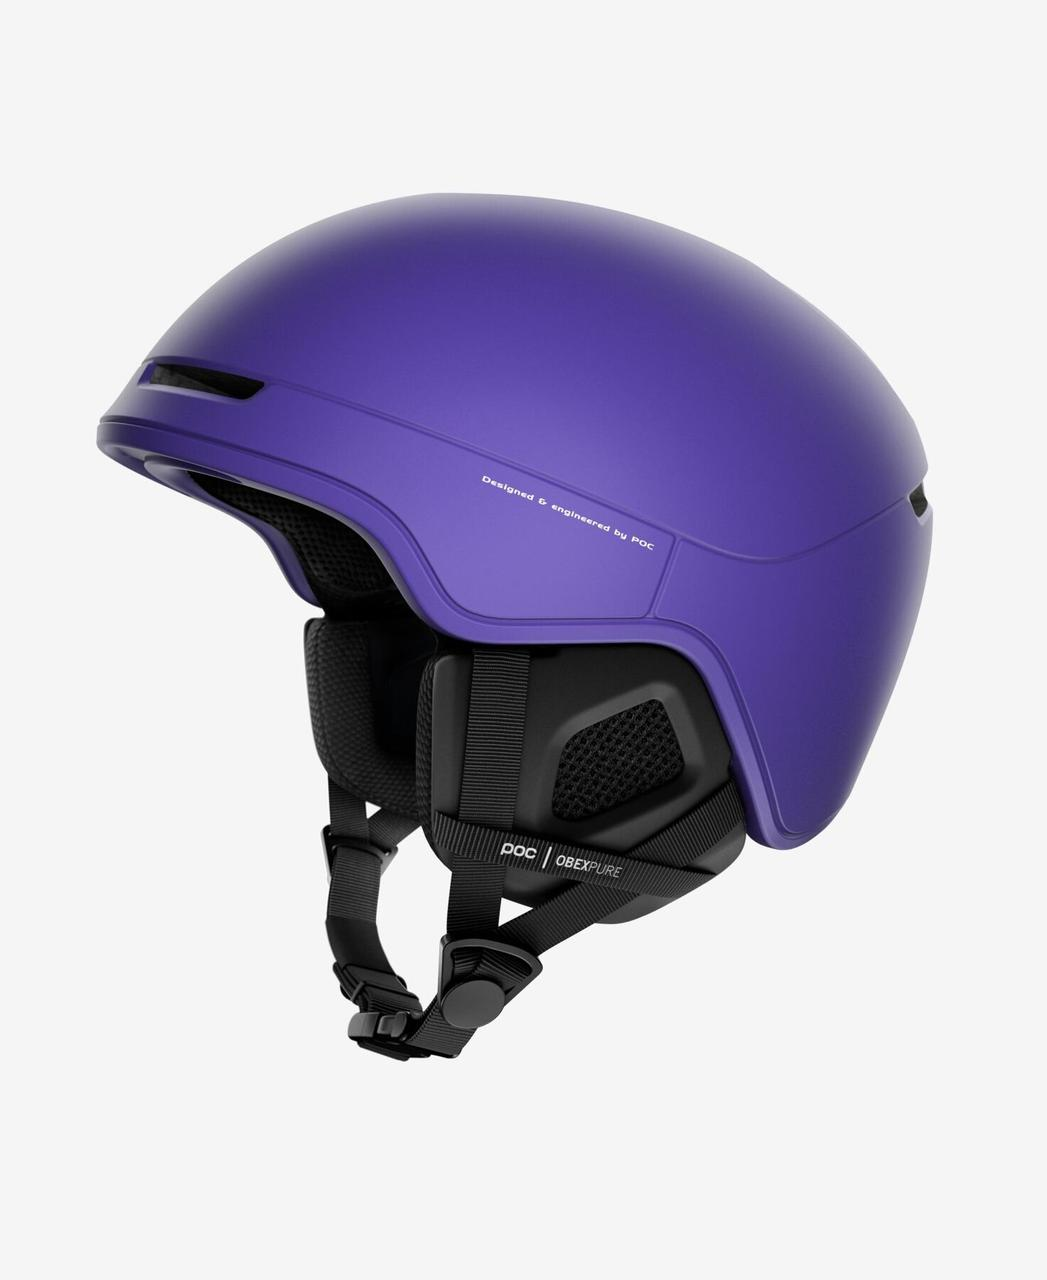 Шолом гірськолижний POC Obex Pure XS/S 51-54 см Ametist Purple